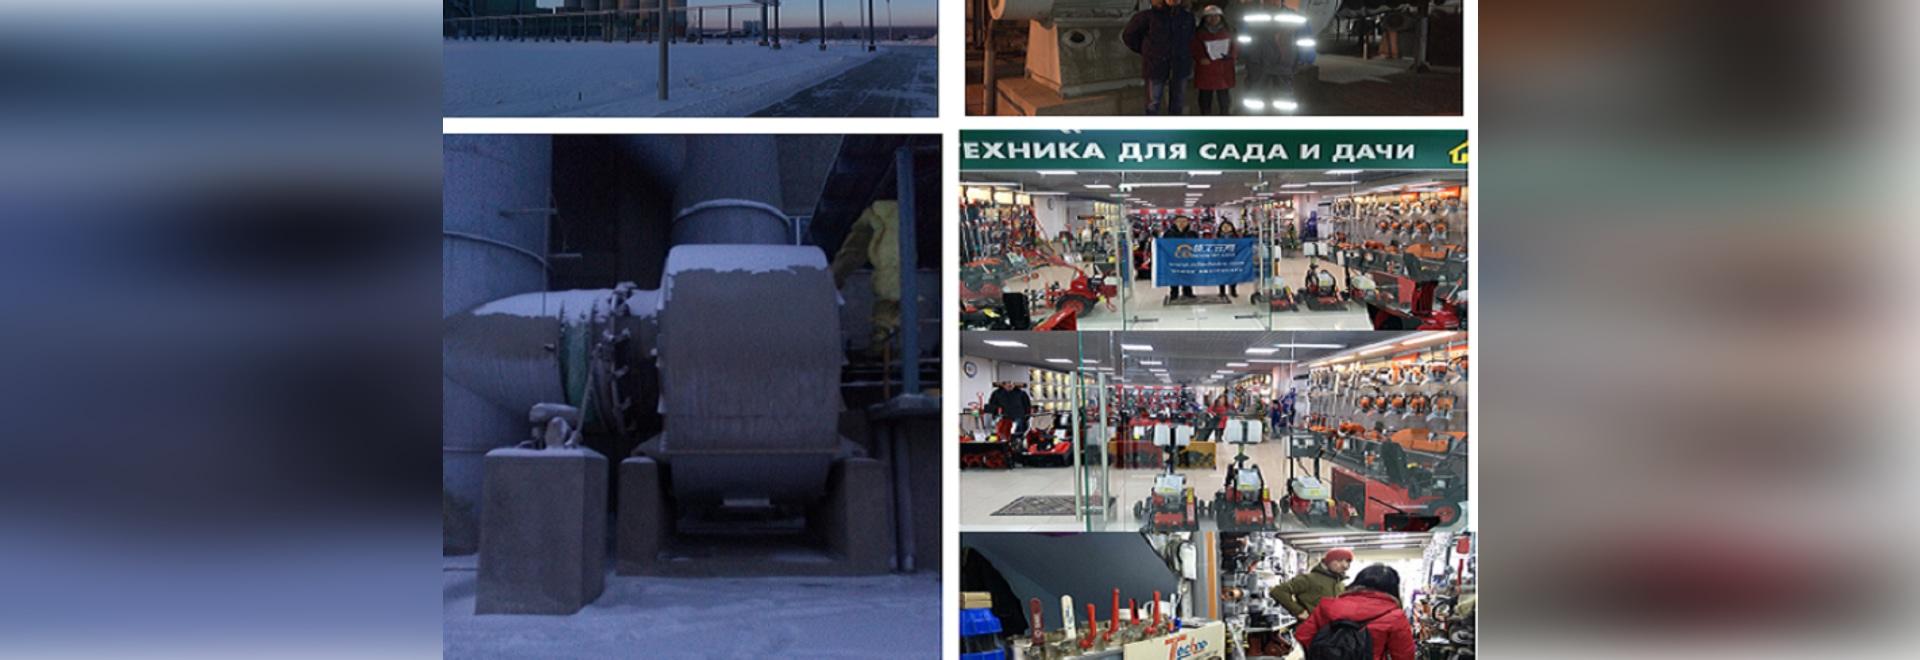 Visita del negocio al ruso